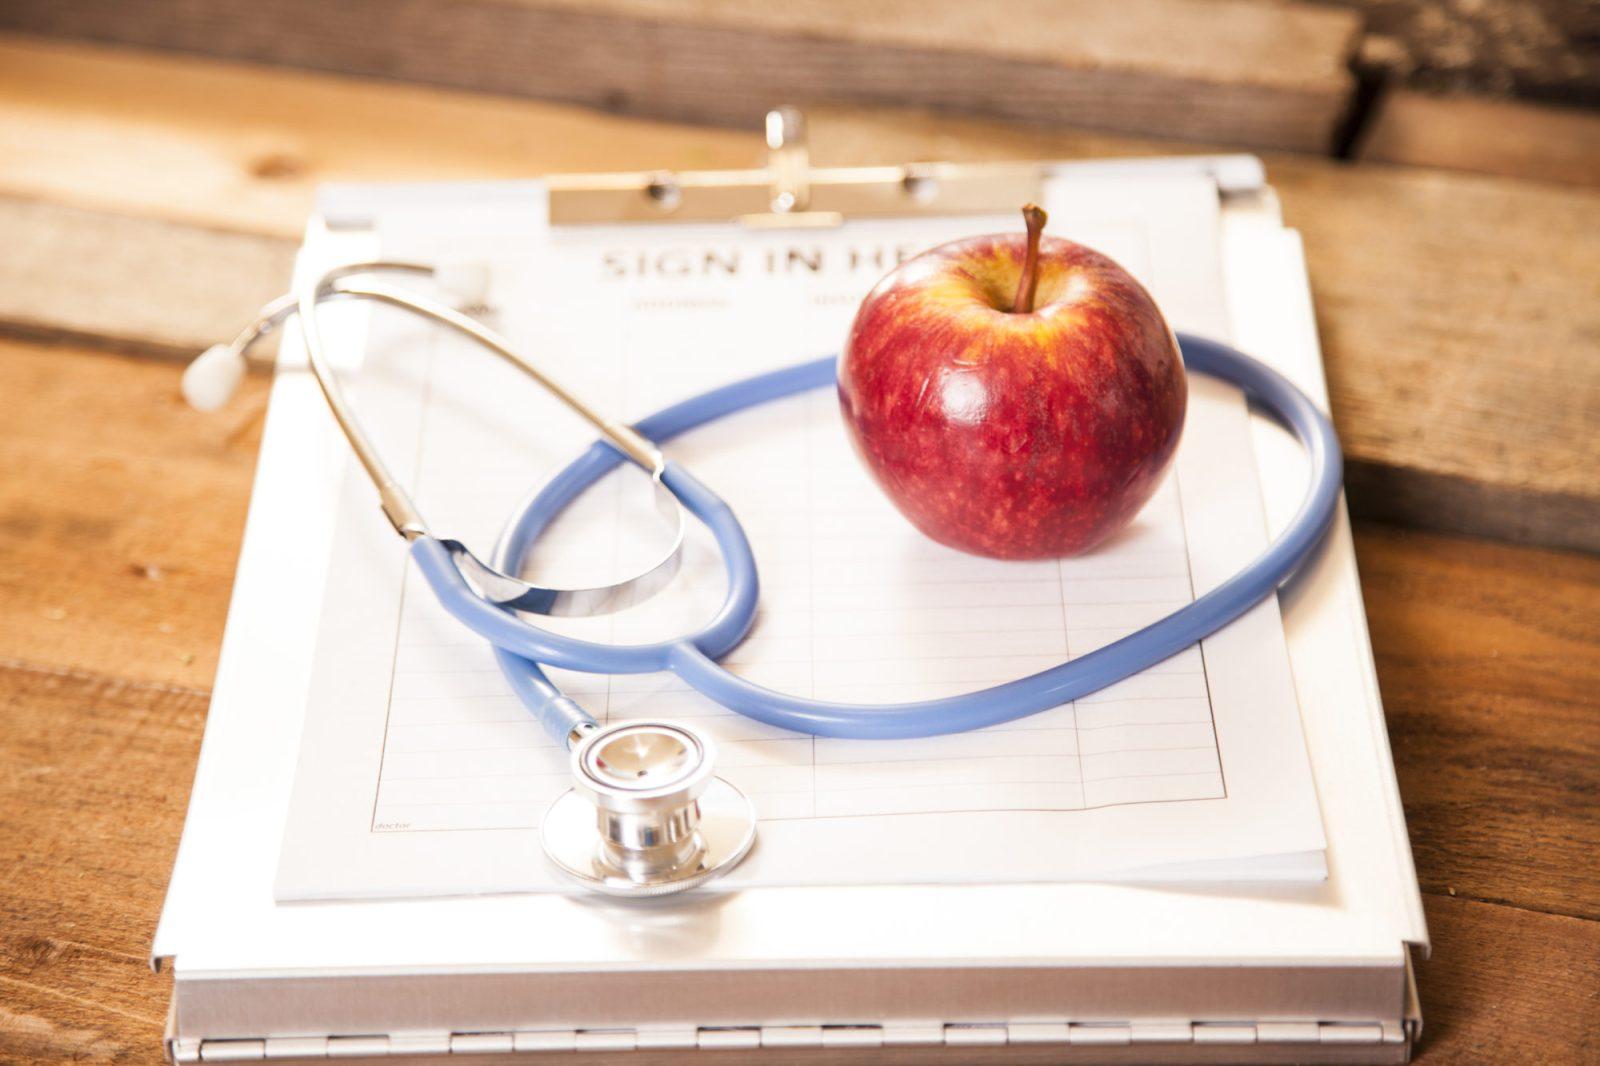 دبلومة التغذية العلاجية للصيادلة 2021